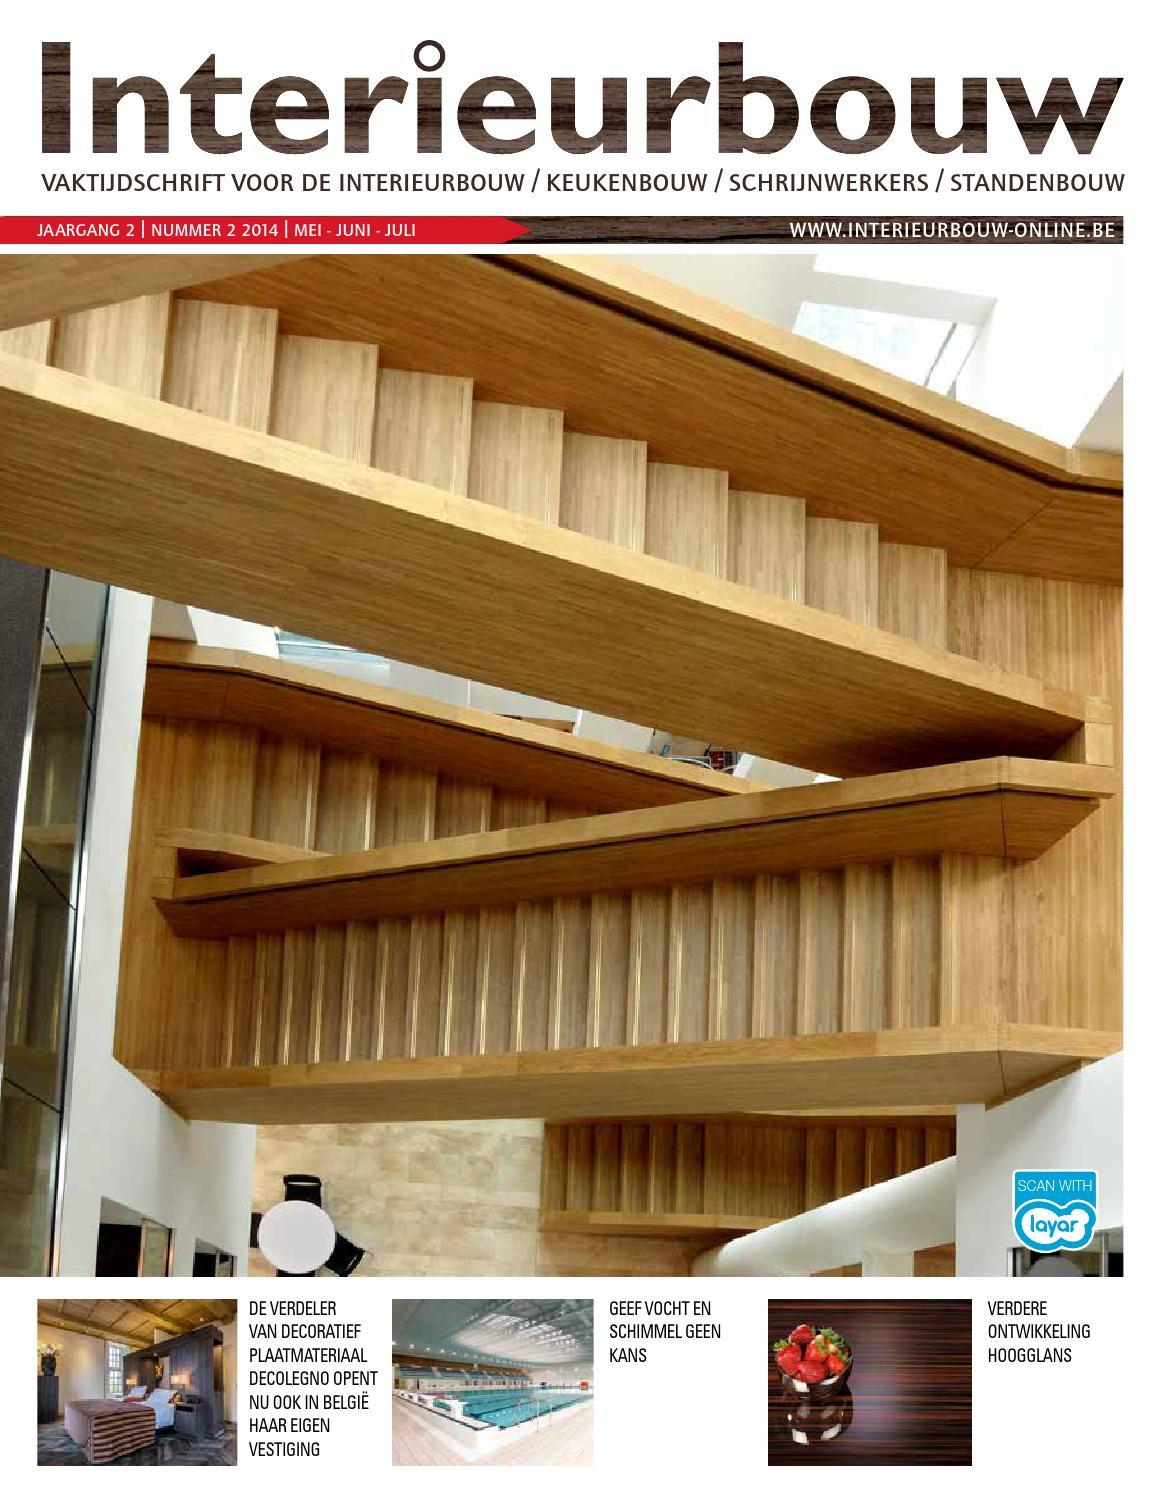 interieurbouw 02 2014 by louwers uitgeversorganisatie bv